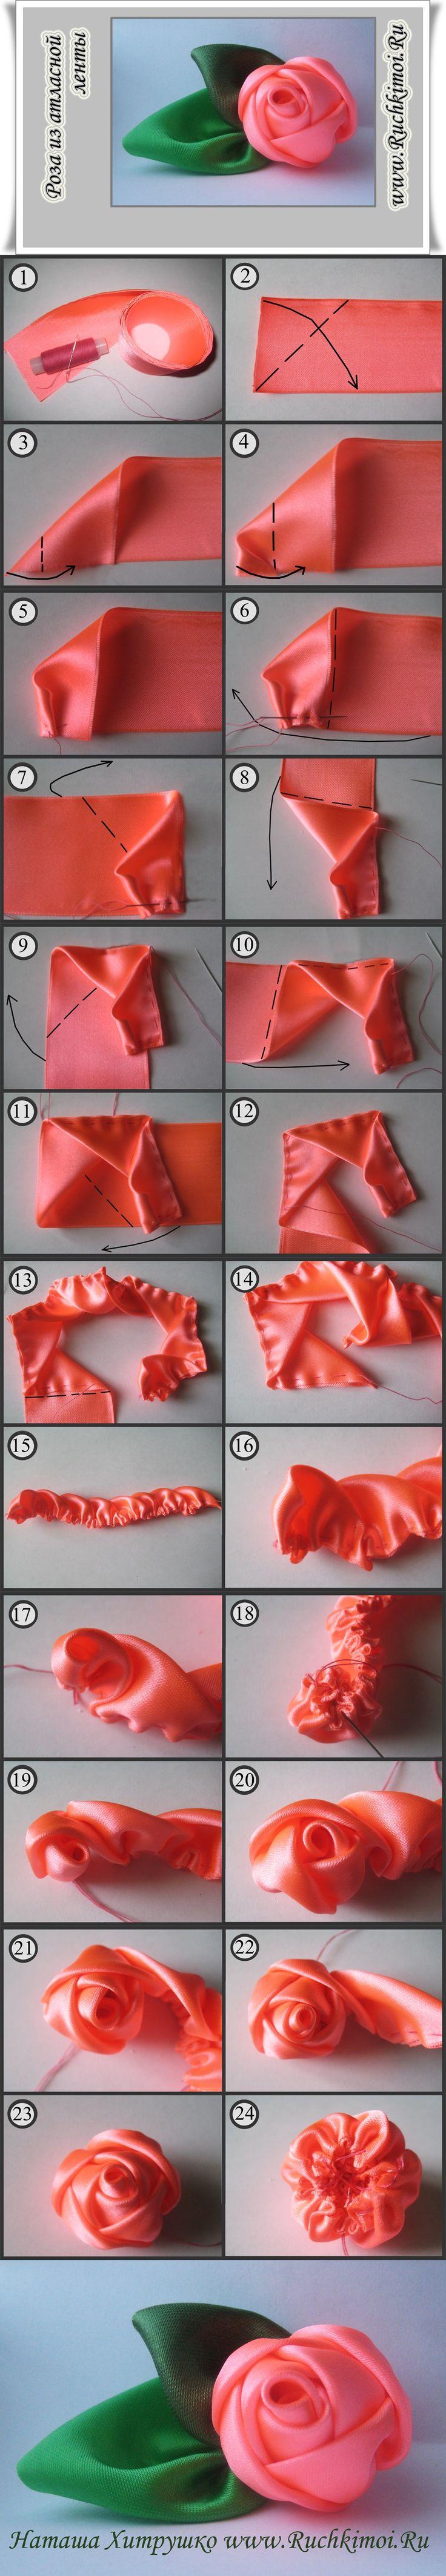 Как сделать бутон розы из ткани